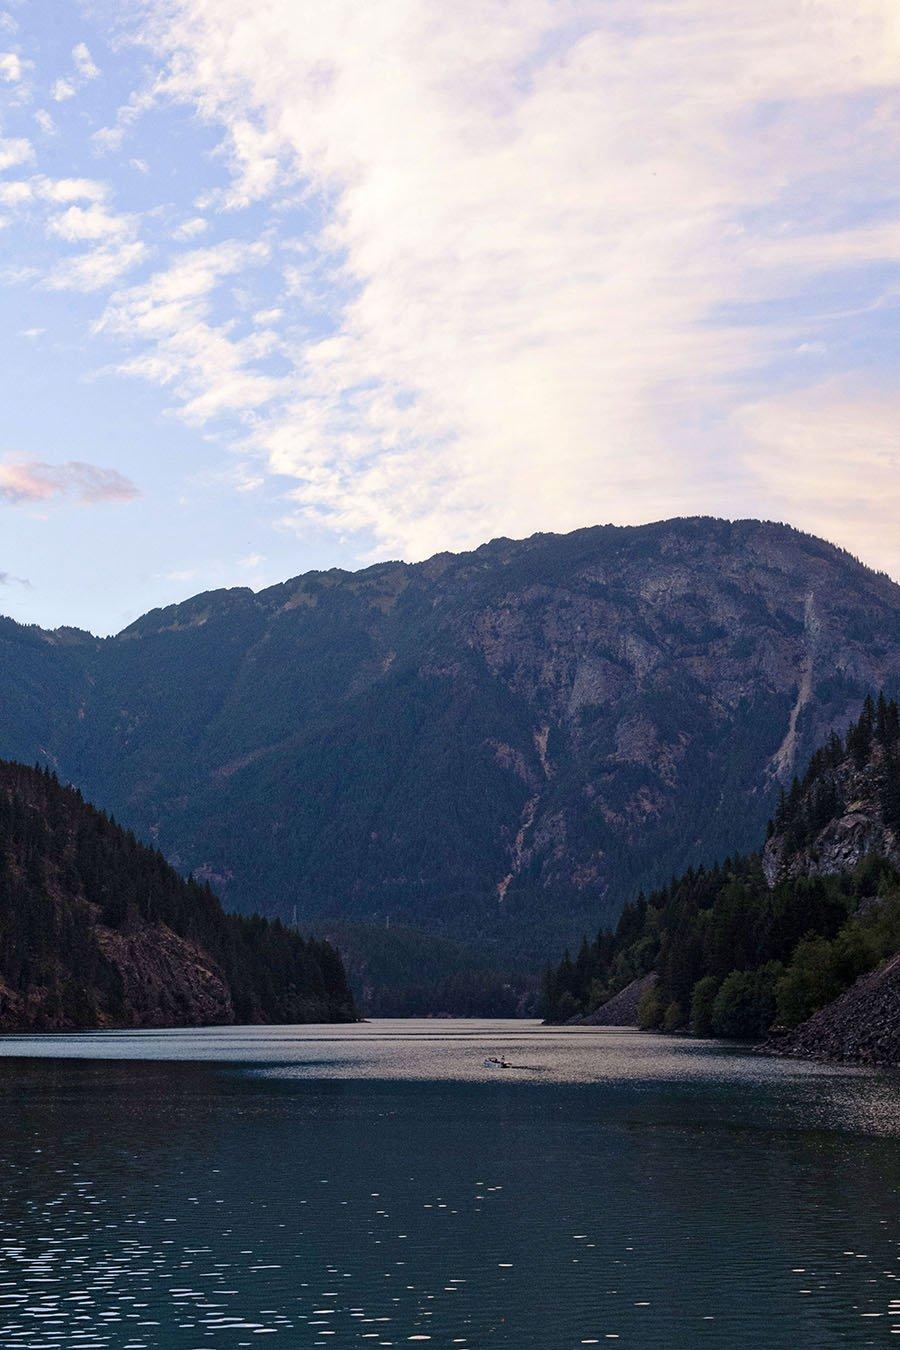 North Cascade Highway 20 Diablo Lake